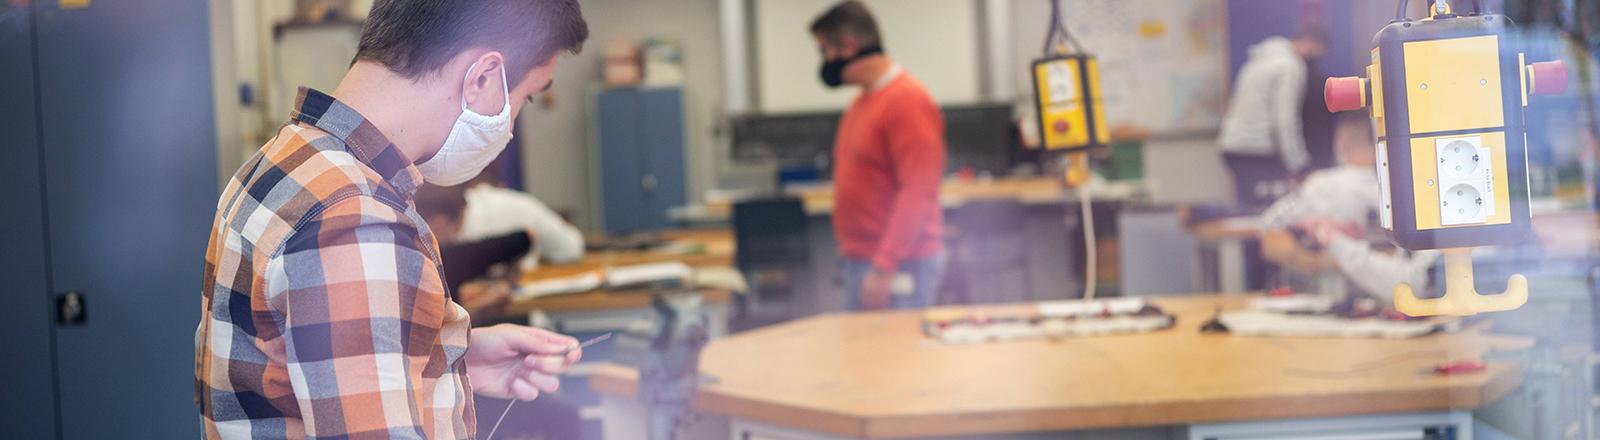 Auszubildende arbeiten am Schraubstock in einer Berufsschule (30.10.2020)